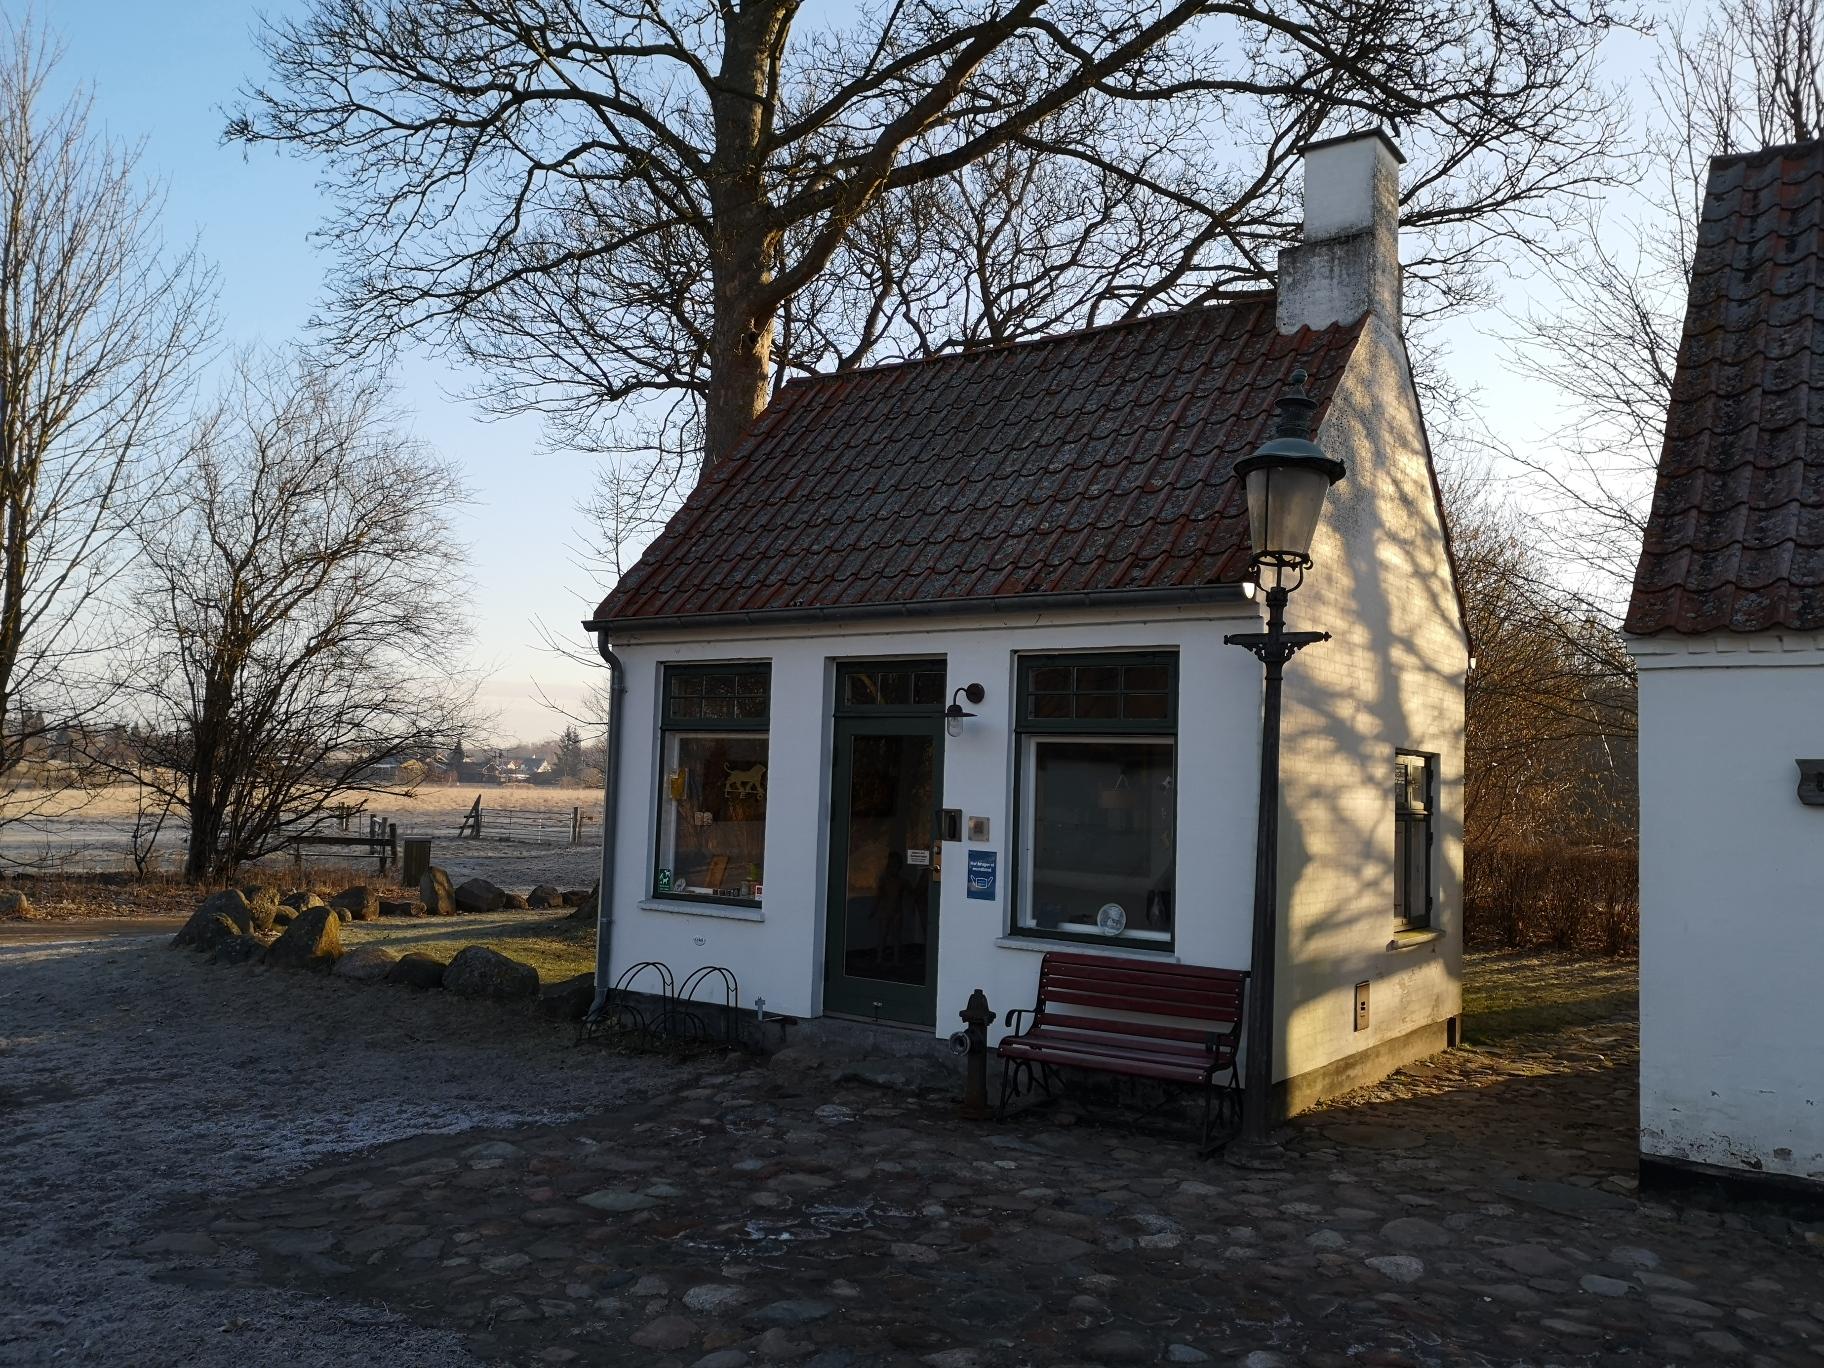 Lille hvidt hus i frostvejr